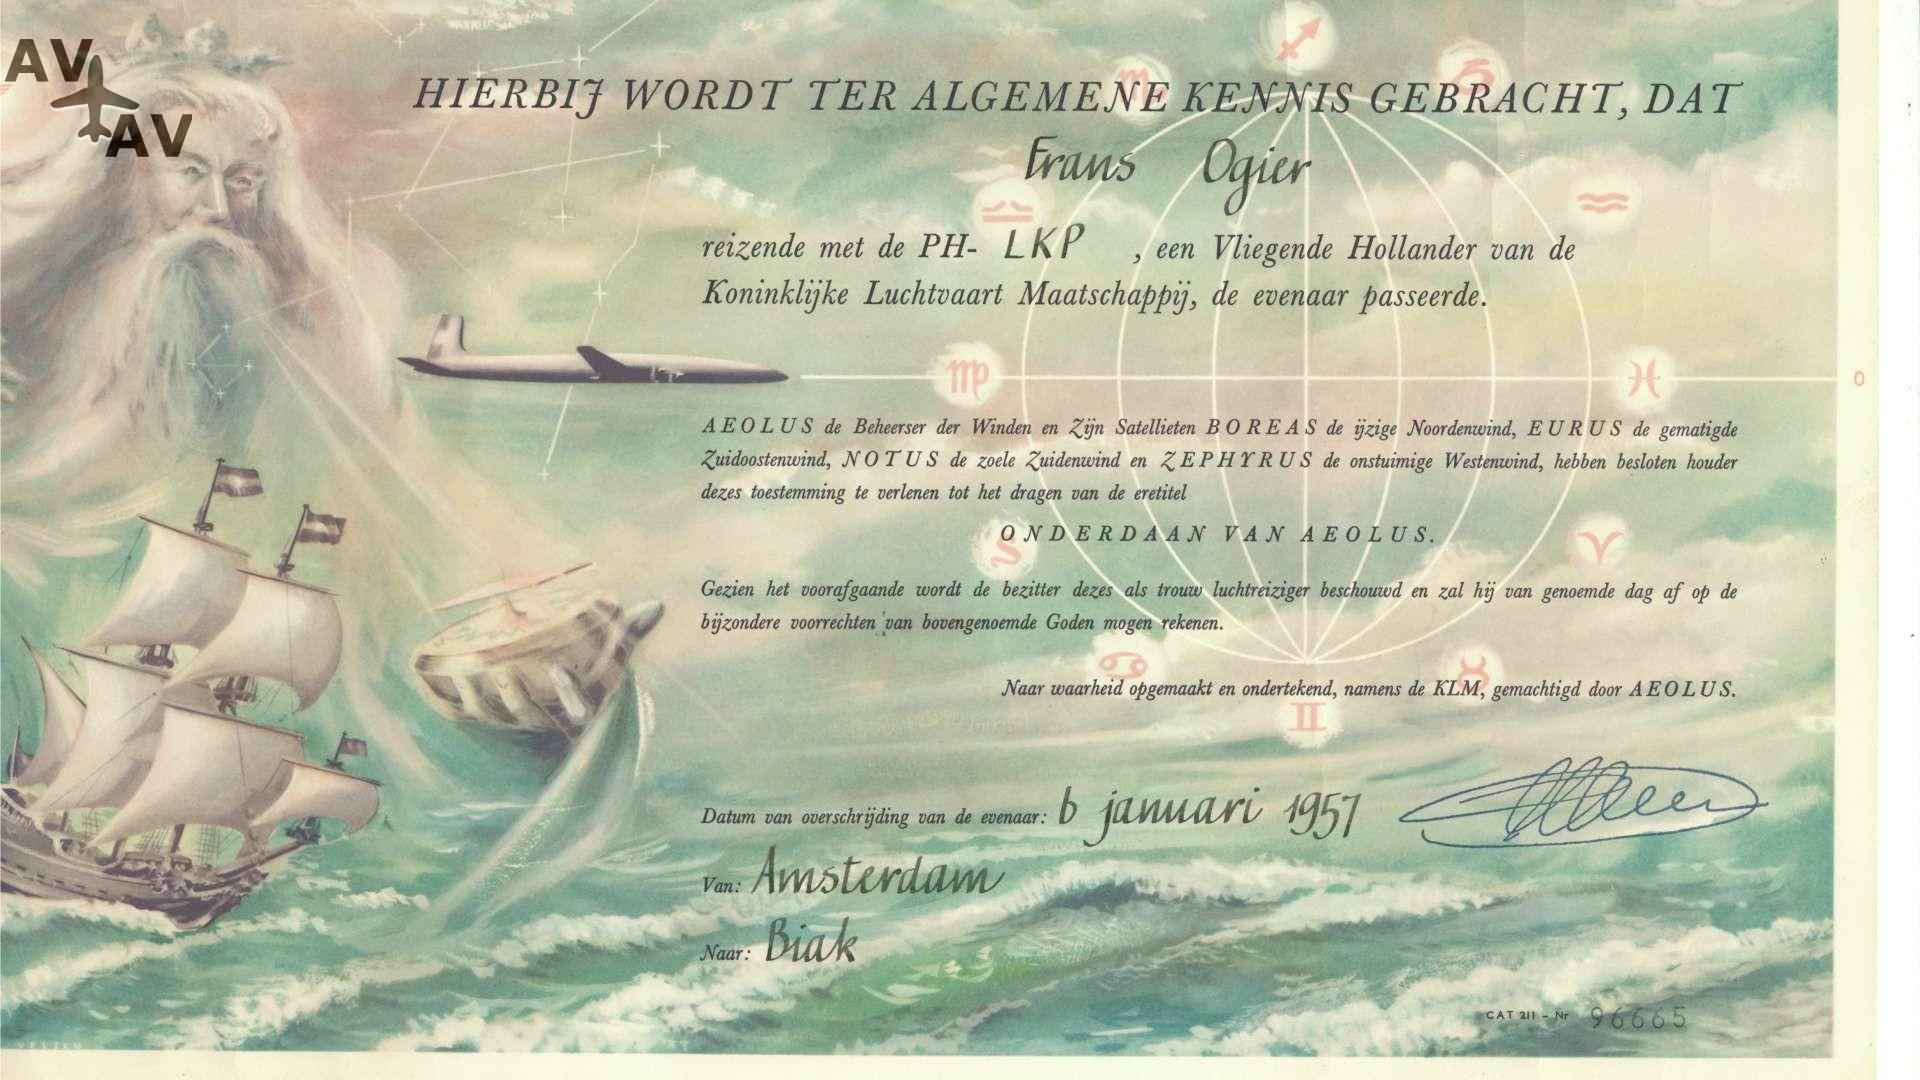 1957 Oorkonde equator 1920x1080 - Интересные факты из авиации: сертификат о пересечении пассажиром экватора